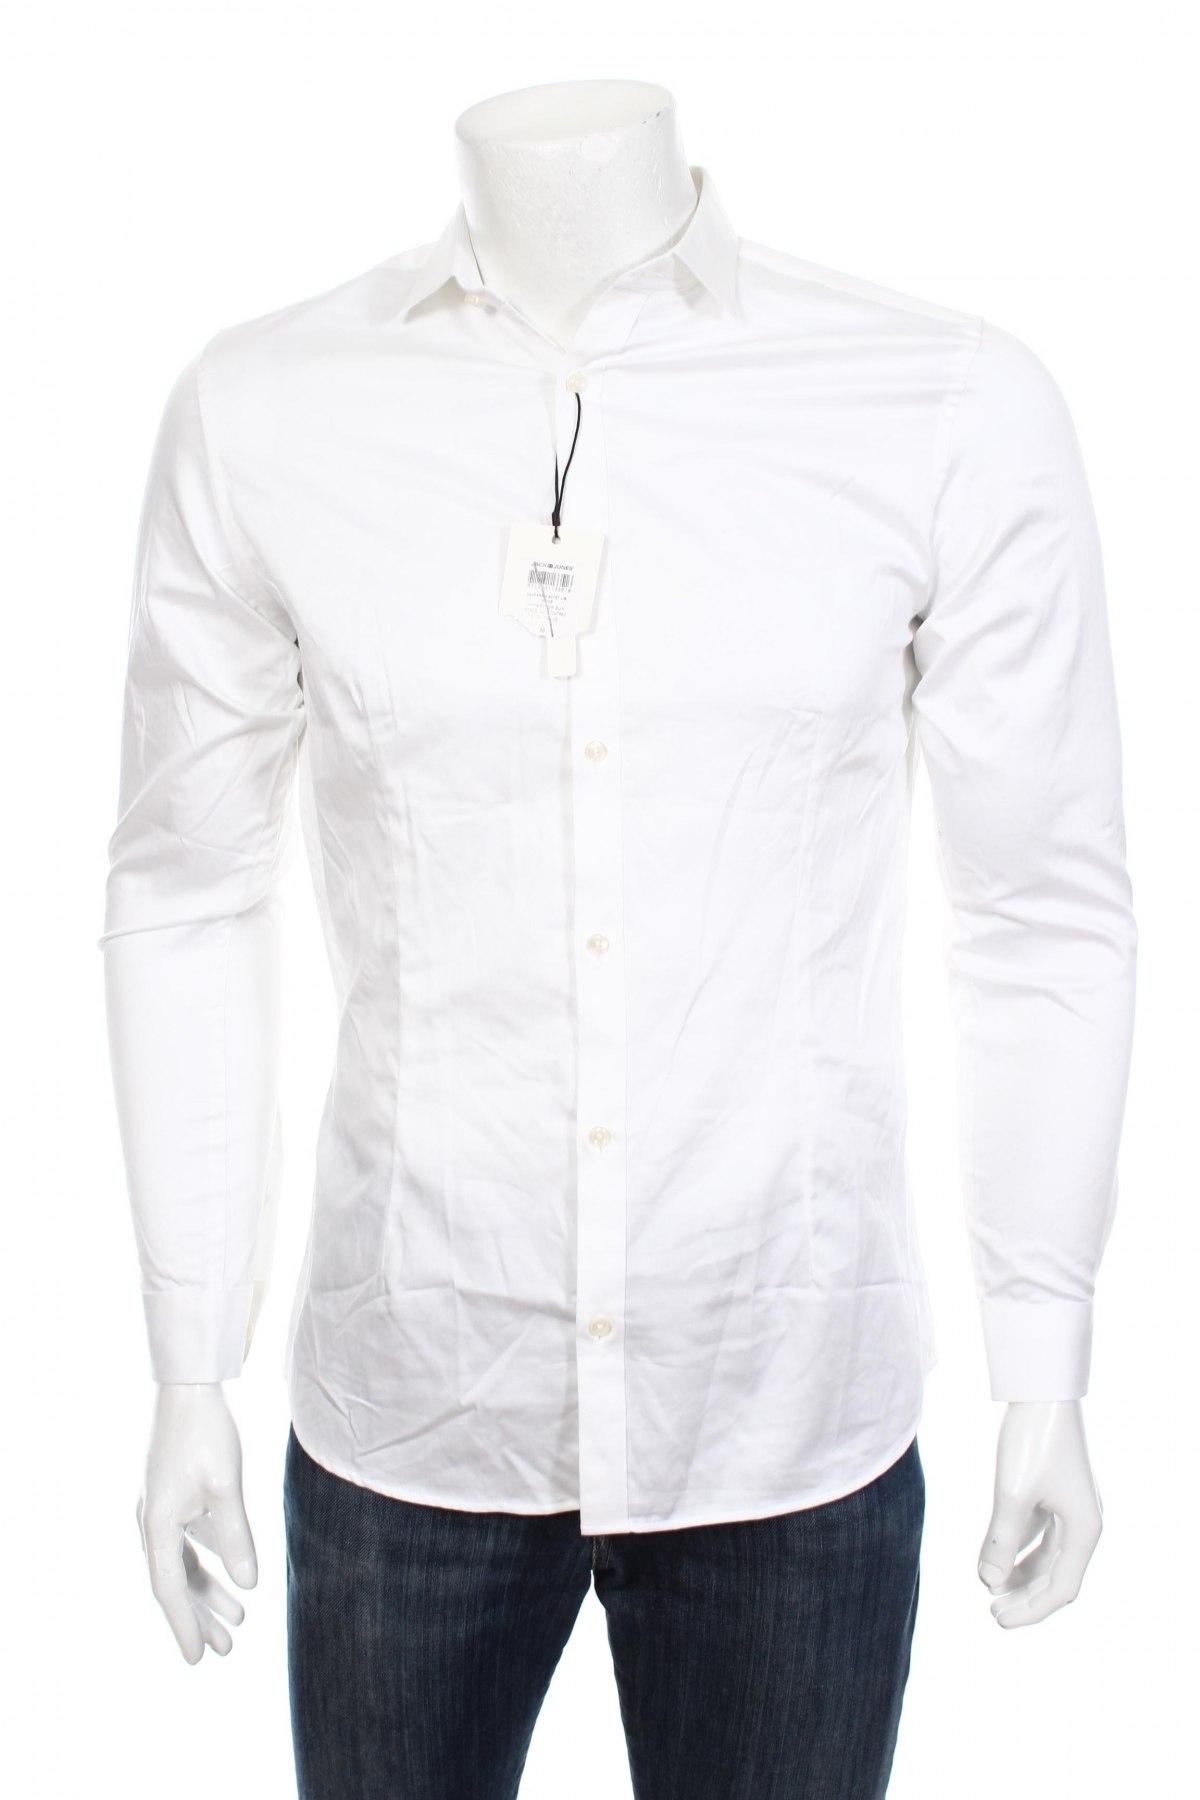 7aa7b1a24b23 Pánska košeľa Premium By Jack   Jones - za výhodnú cenu na Remix ...